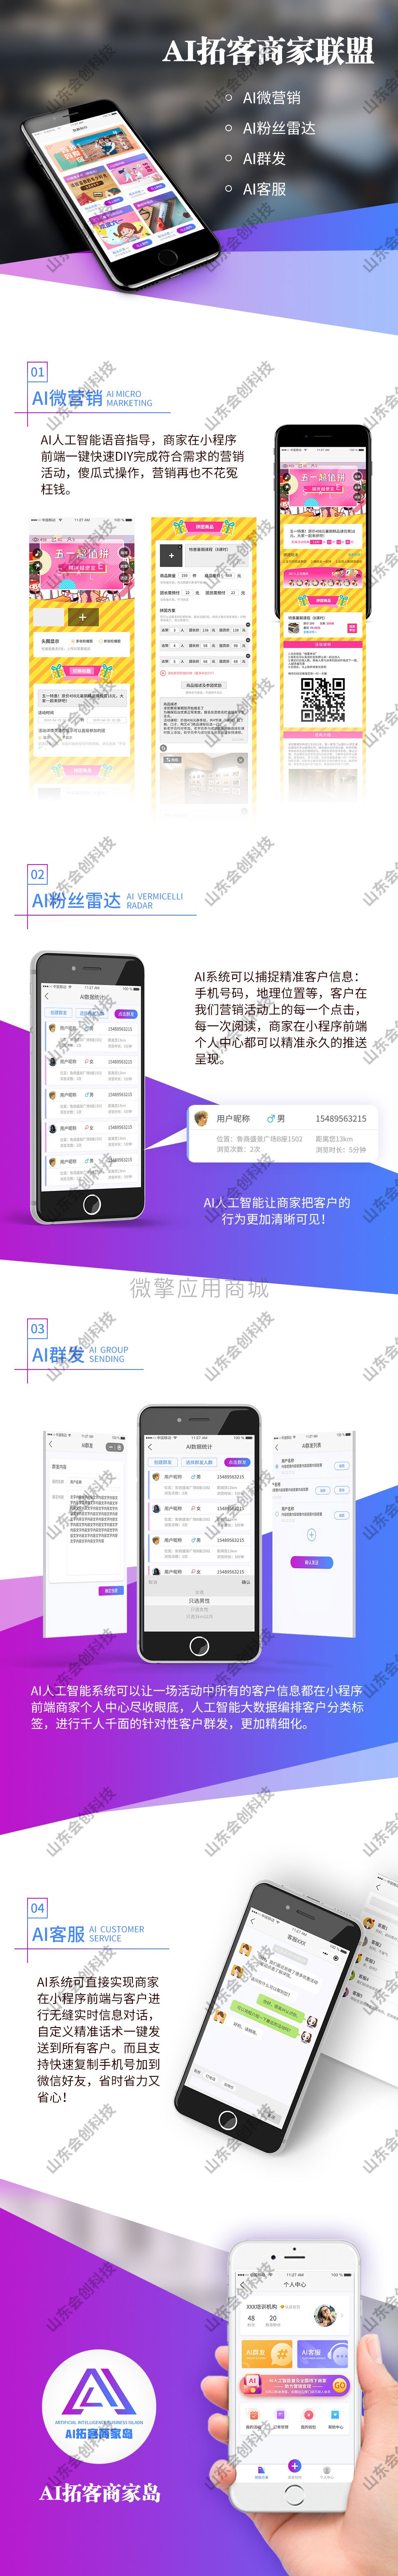 AI拓客商家联盟小程序源码2.1.9